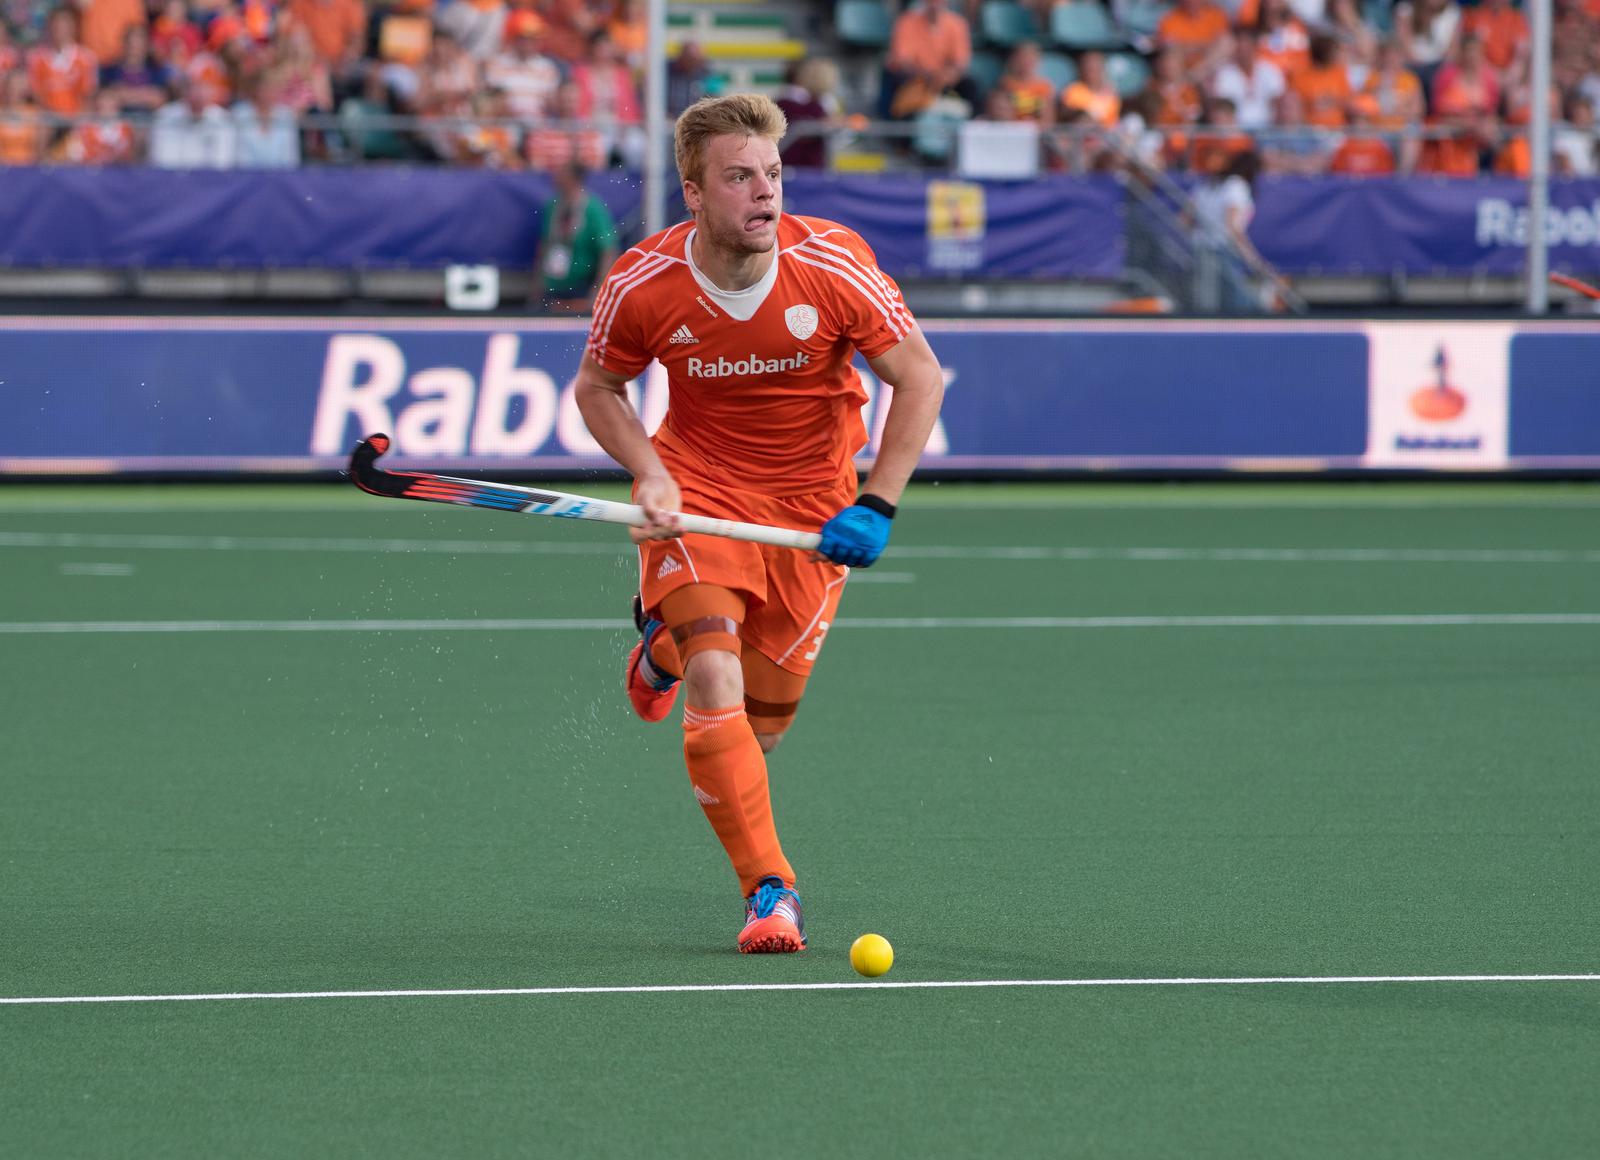 Oranje nederland Zuid-Afrika heren WK RU van der Weerden